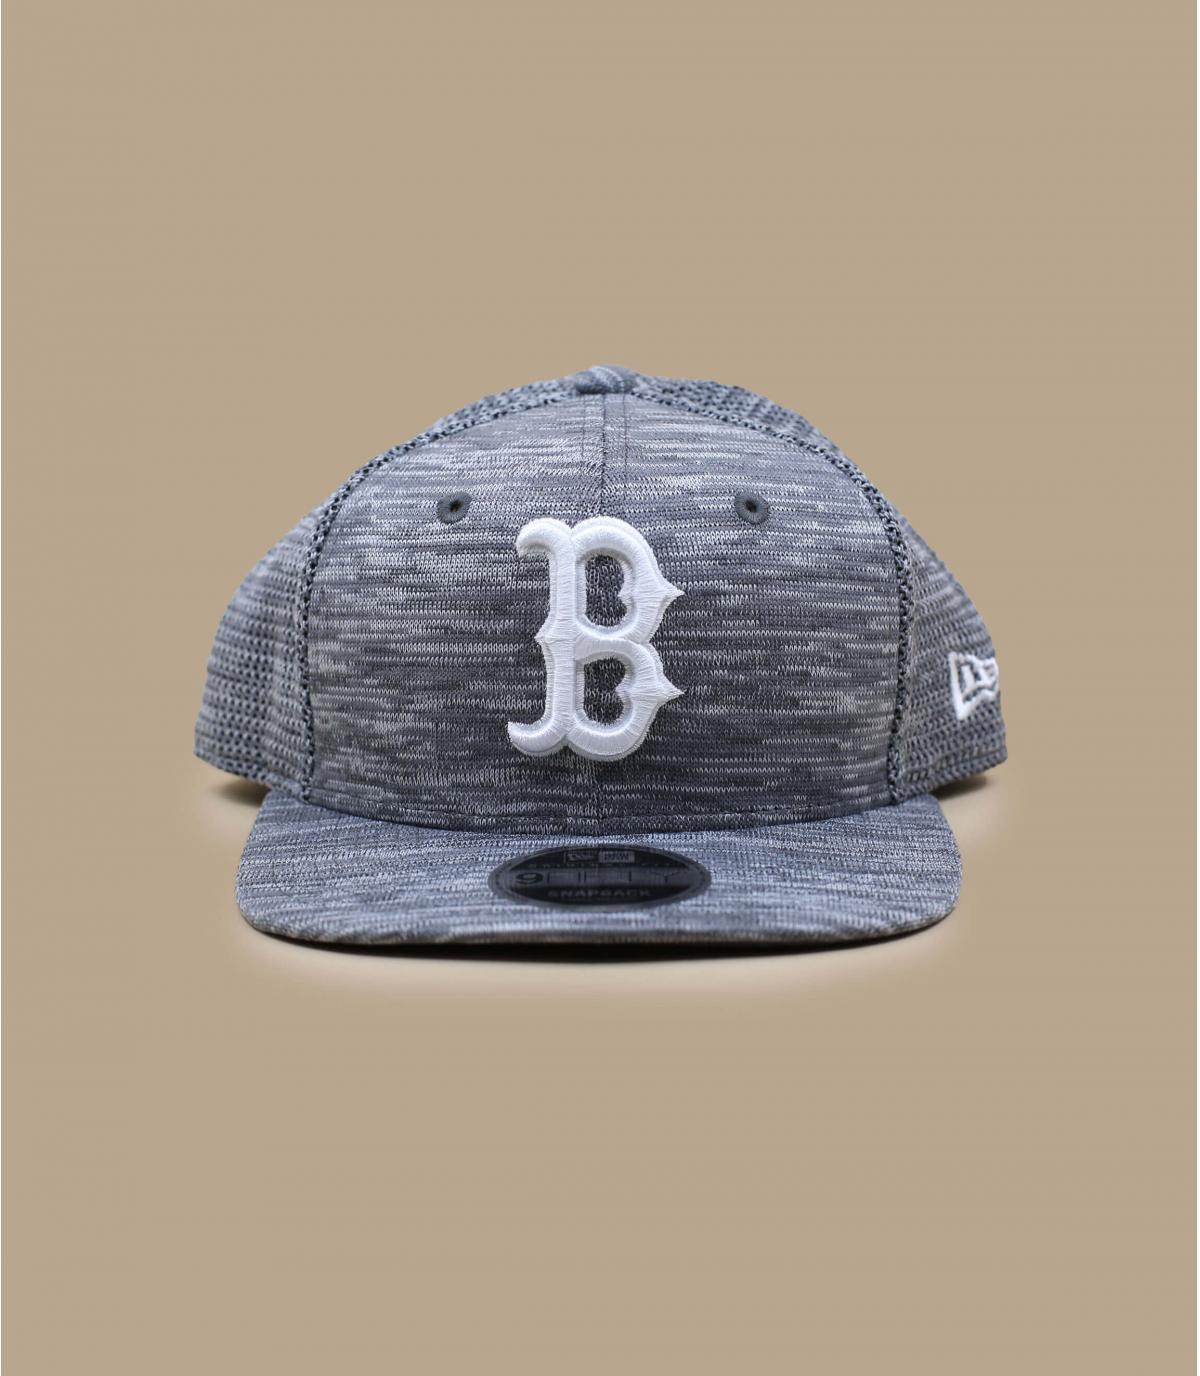 Dettagli Enginnered Fit Boston 9Fifty braphite - image 2